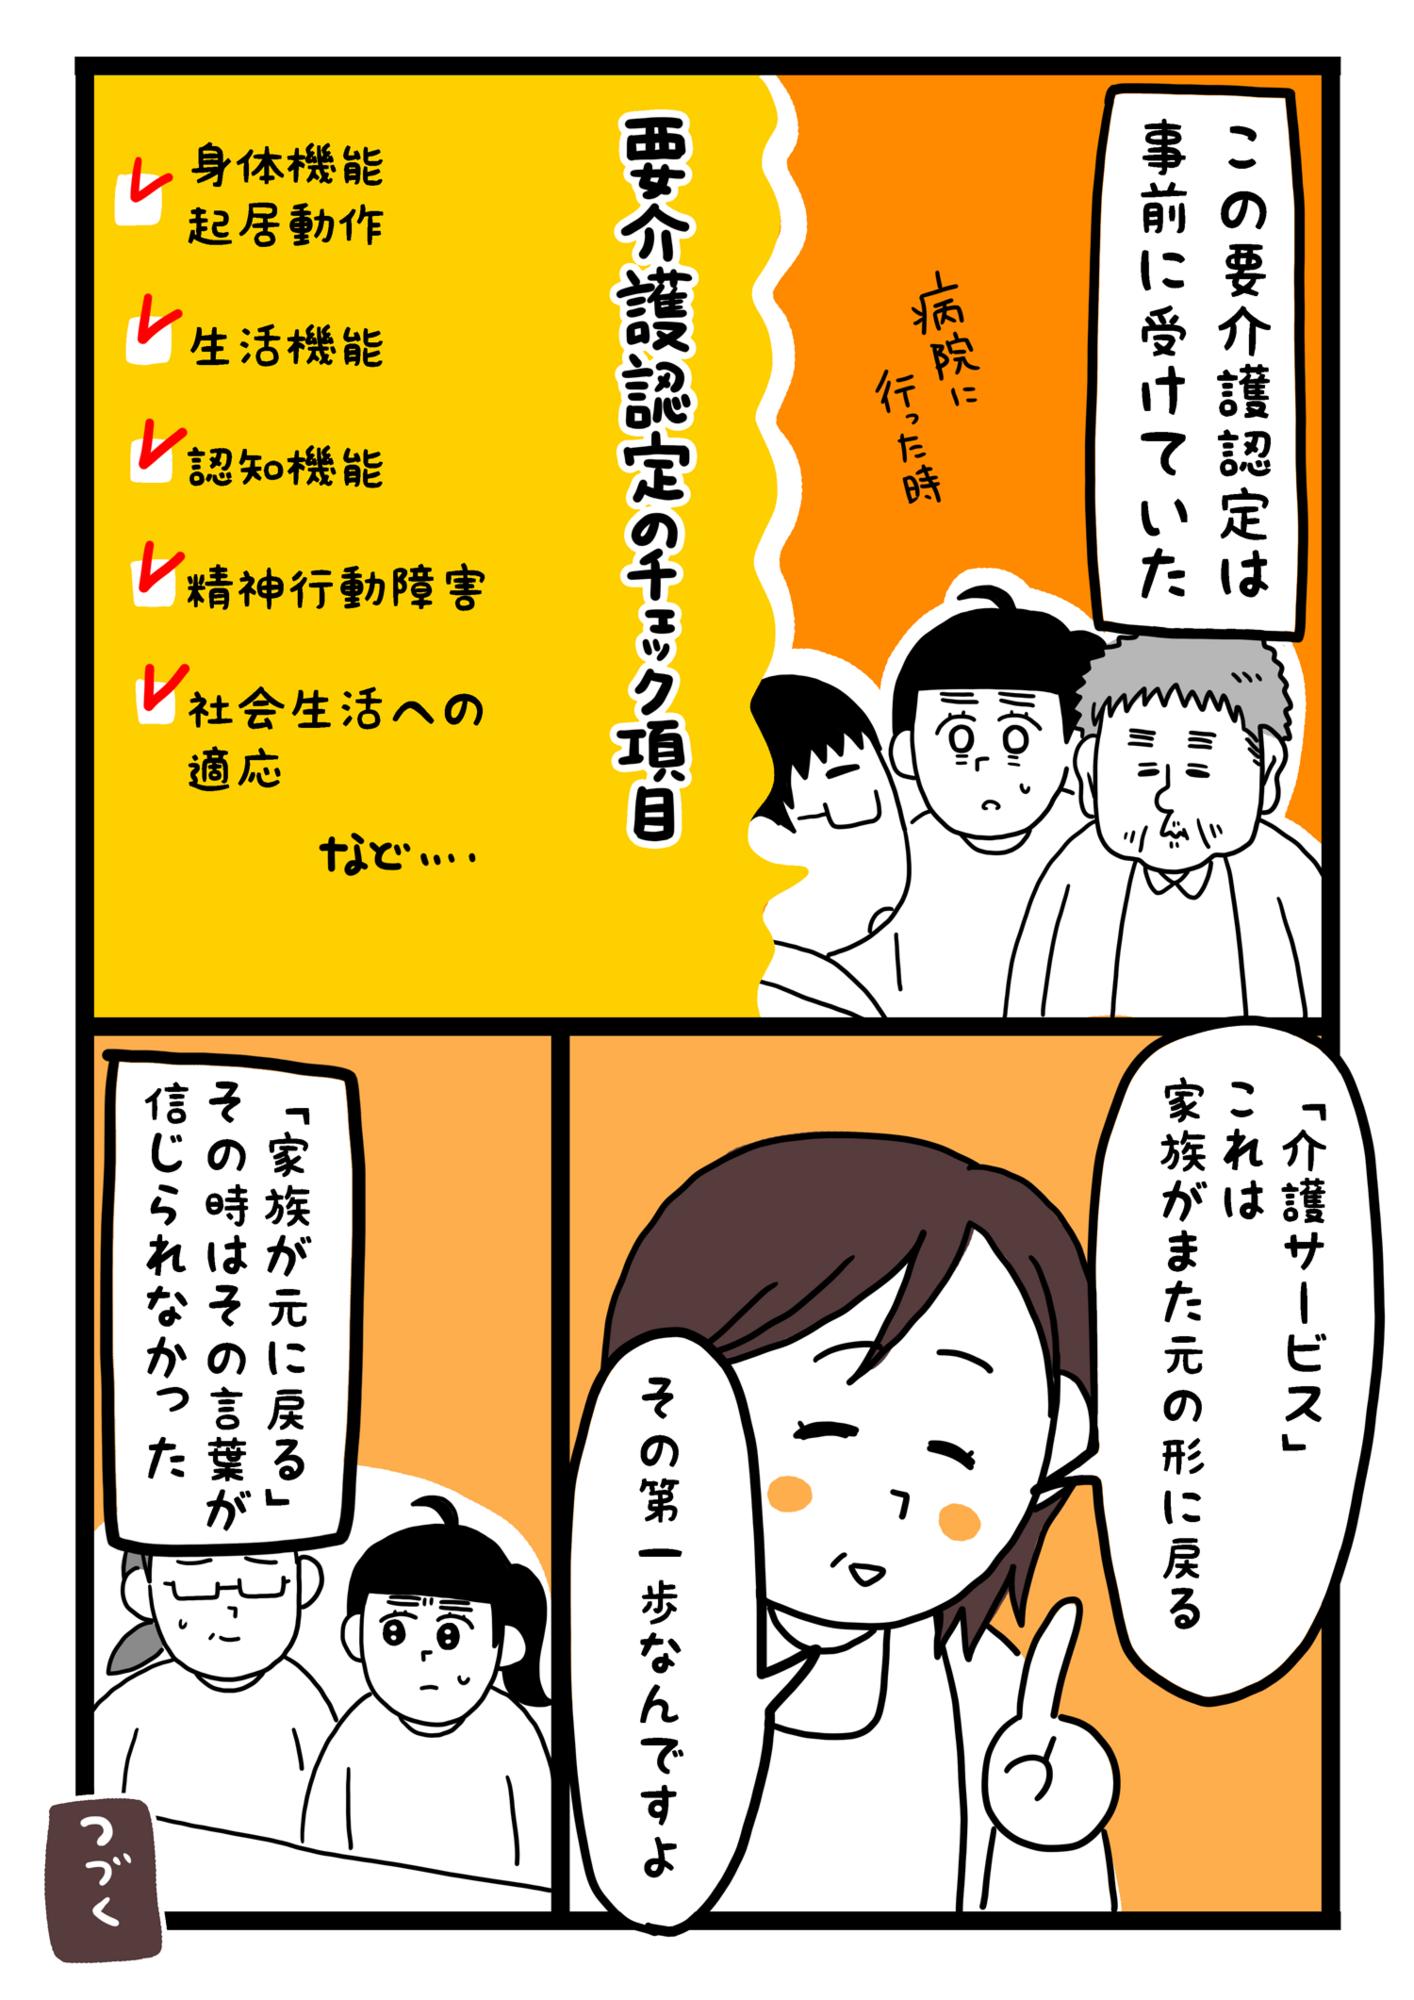 f:id:kakijiro:20180309071150p:plain